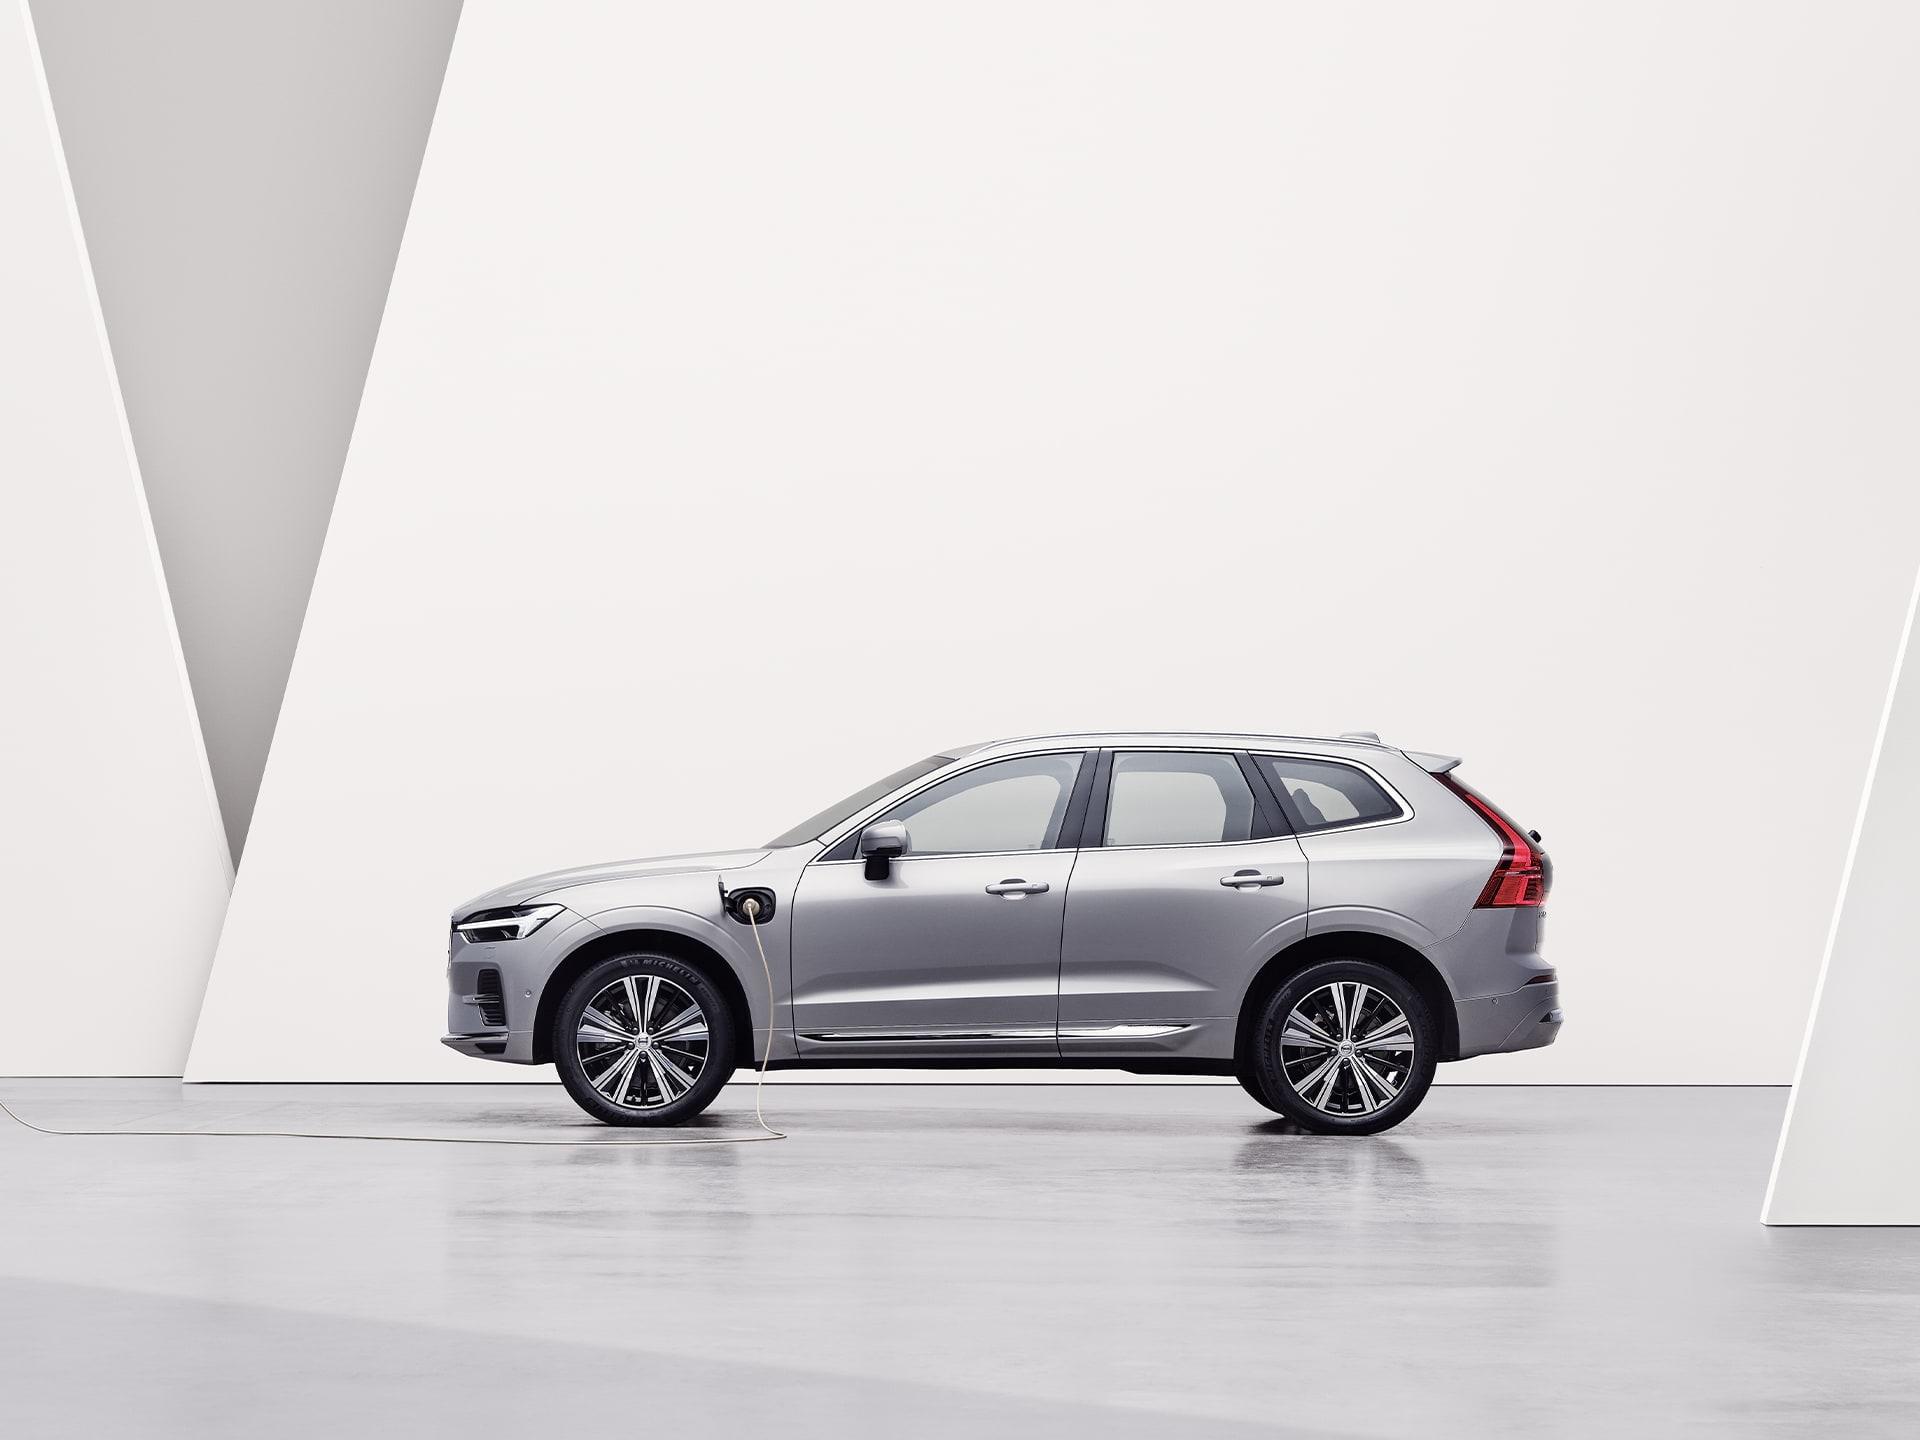 Stříbrné Volvo XC60 Recharge při nabíjení s bílým okolím.